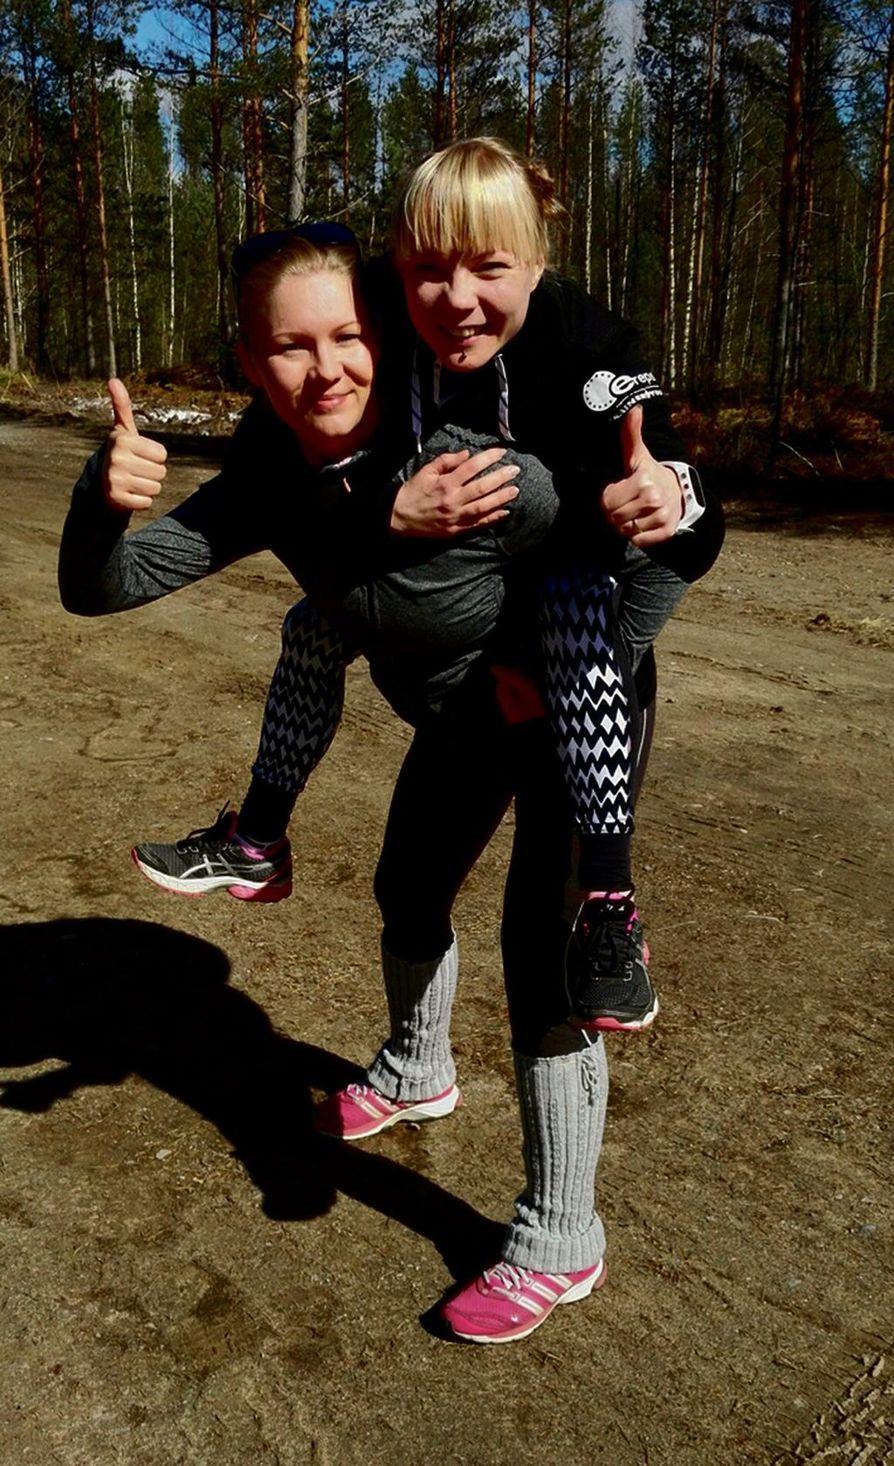 Nythän ne parhaat lenkkeilykelit alkavat, Mervi Klemetti vinkkaa. Hänen selässään on niin ikään yhteislenkeistä innostunut  Heidi Lumiaho.